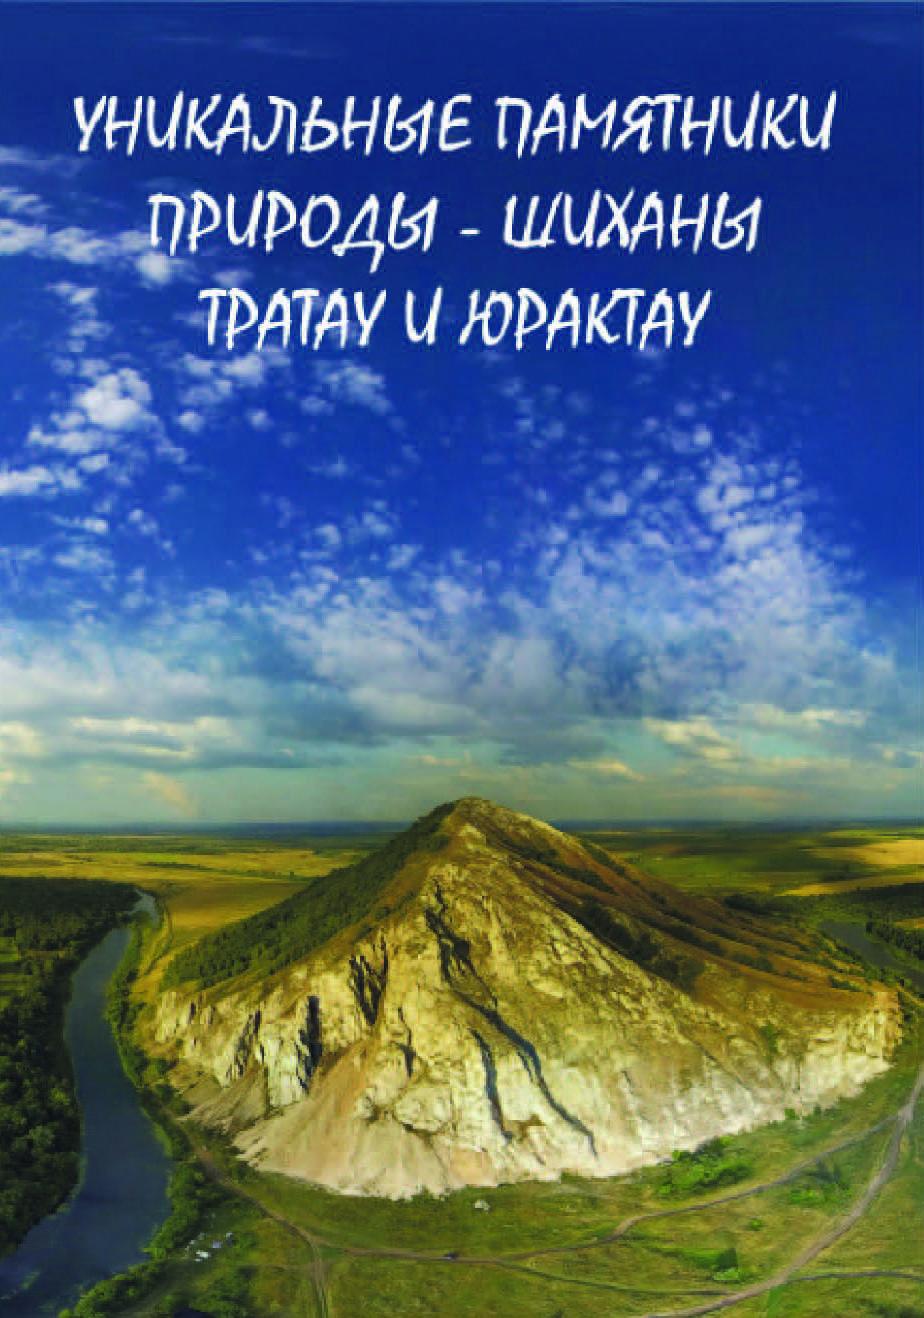 Уникальные памятники природы - шиханы Тратау и Юрактау